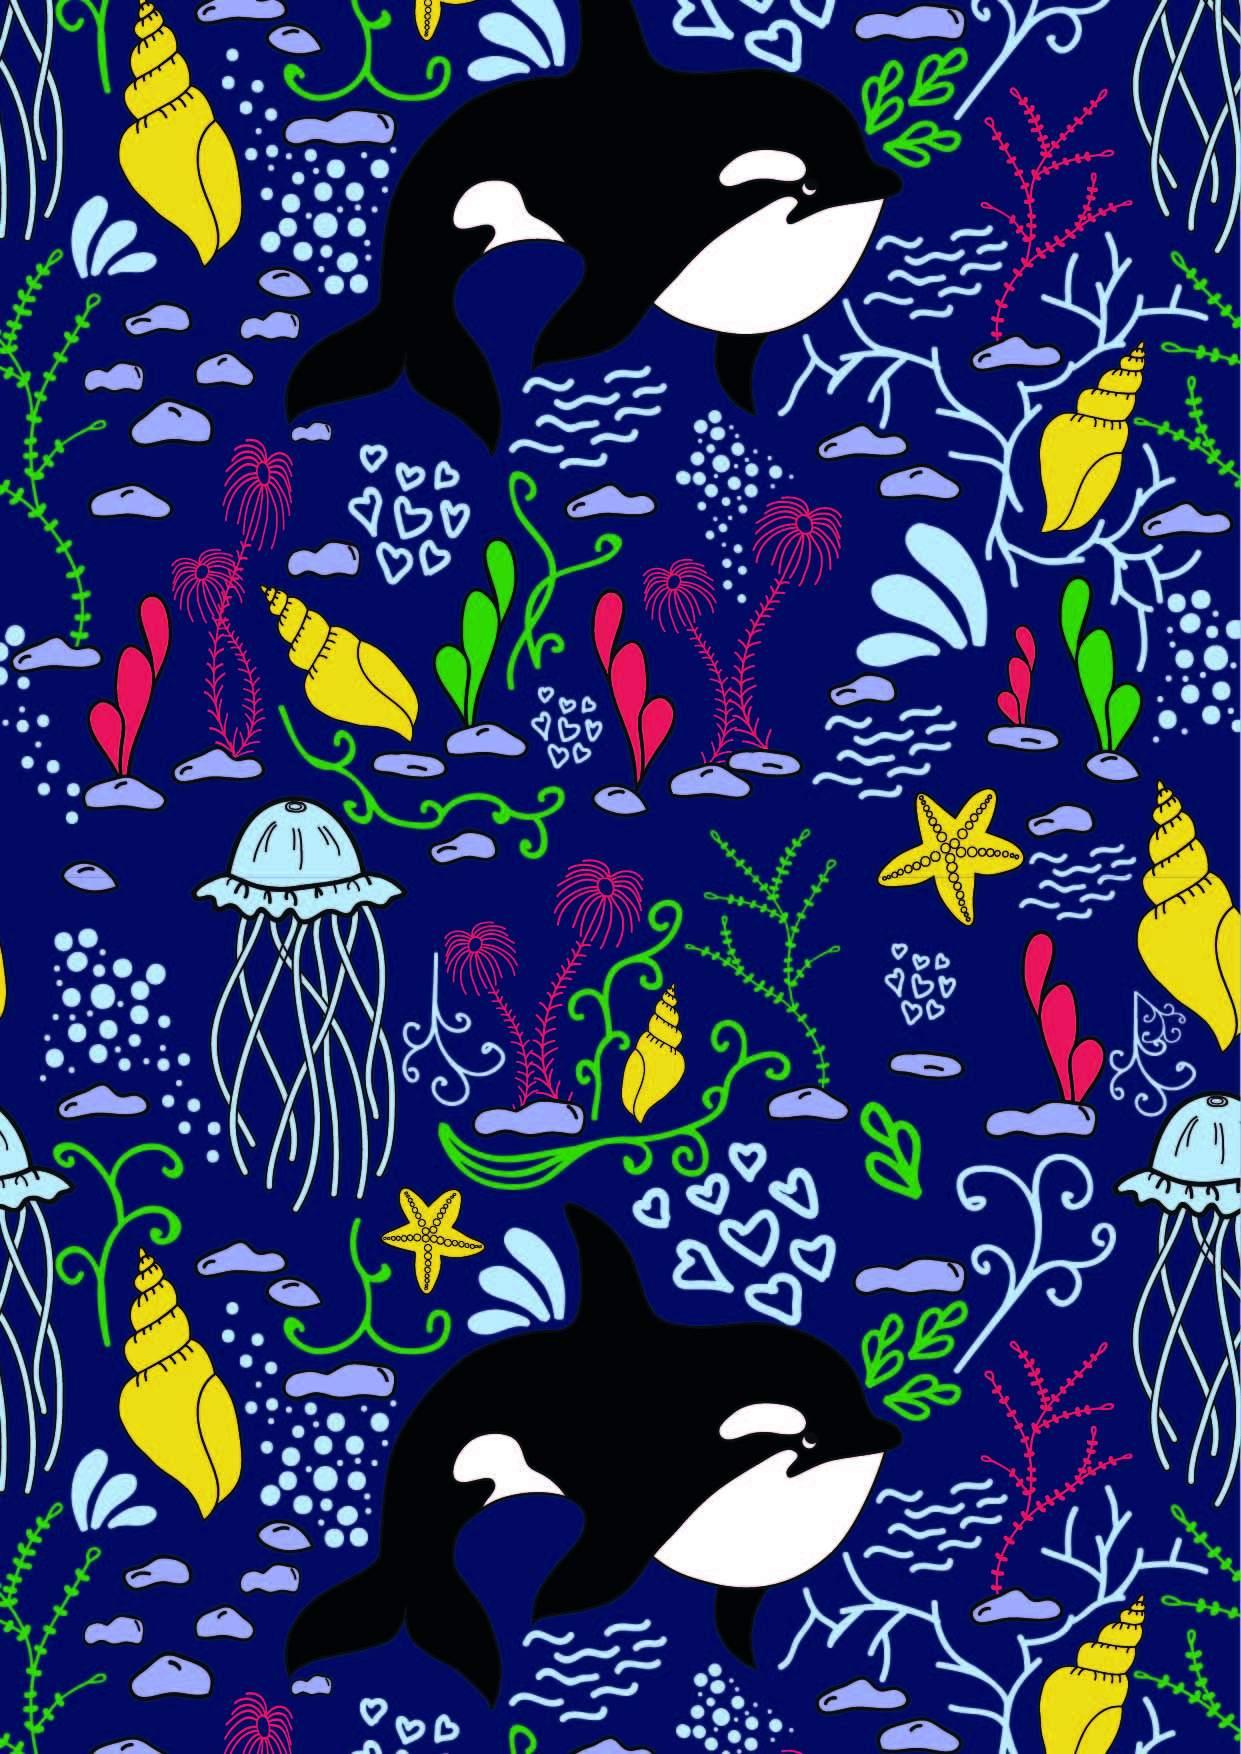 卡通海洋风鲸鱼海螺印花矢量图服装纺织面料数码印花花型素材-POP花型网